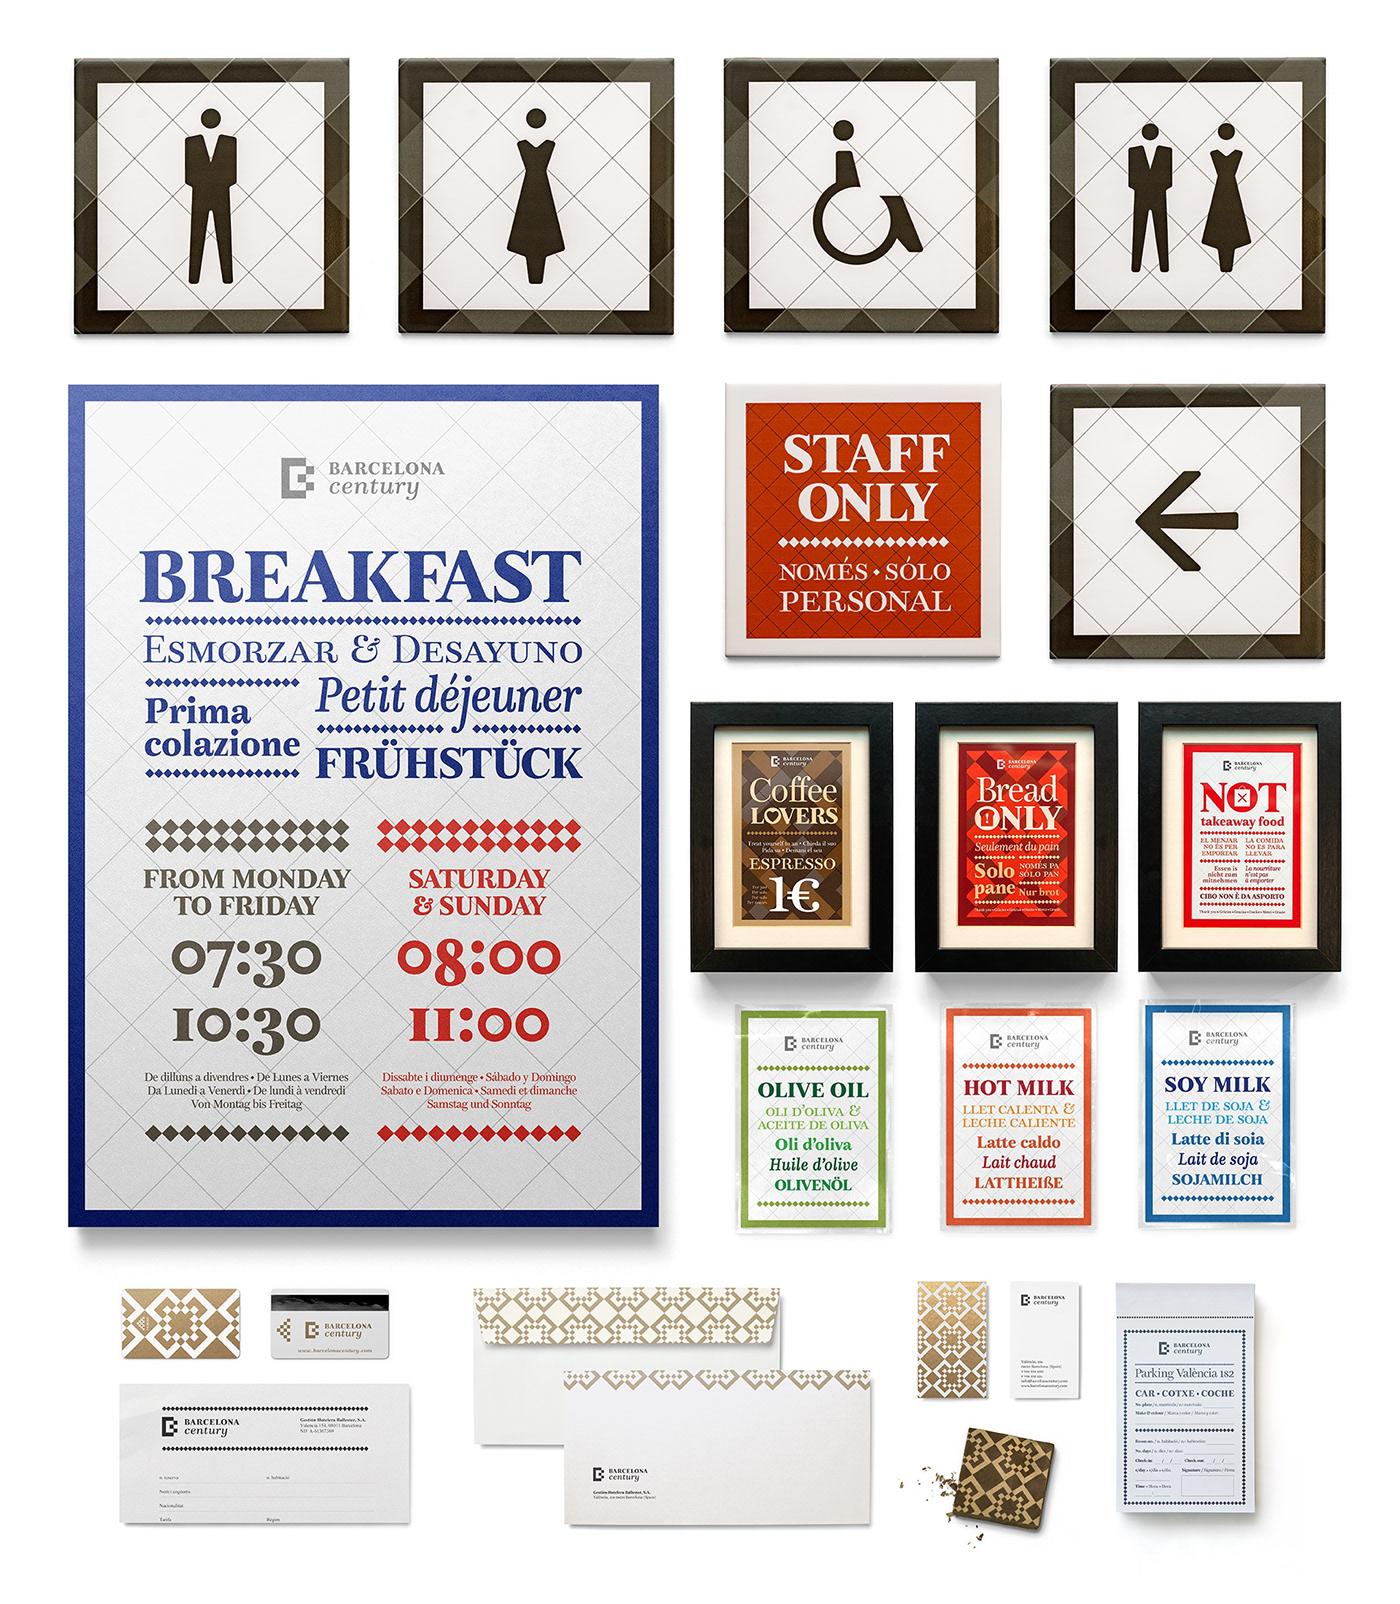 barcelona hotel pattern leterpress tile logo color serif restaurant number